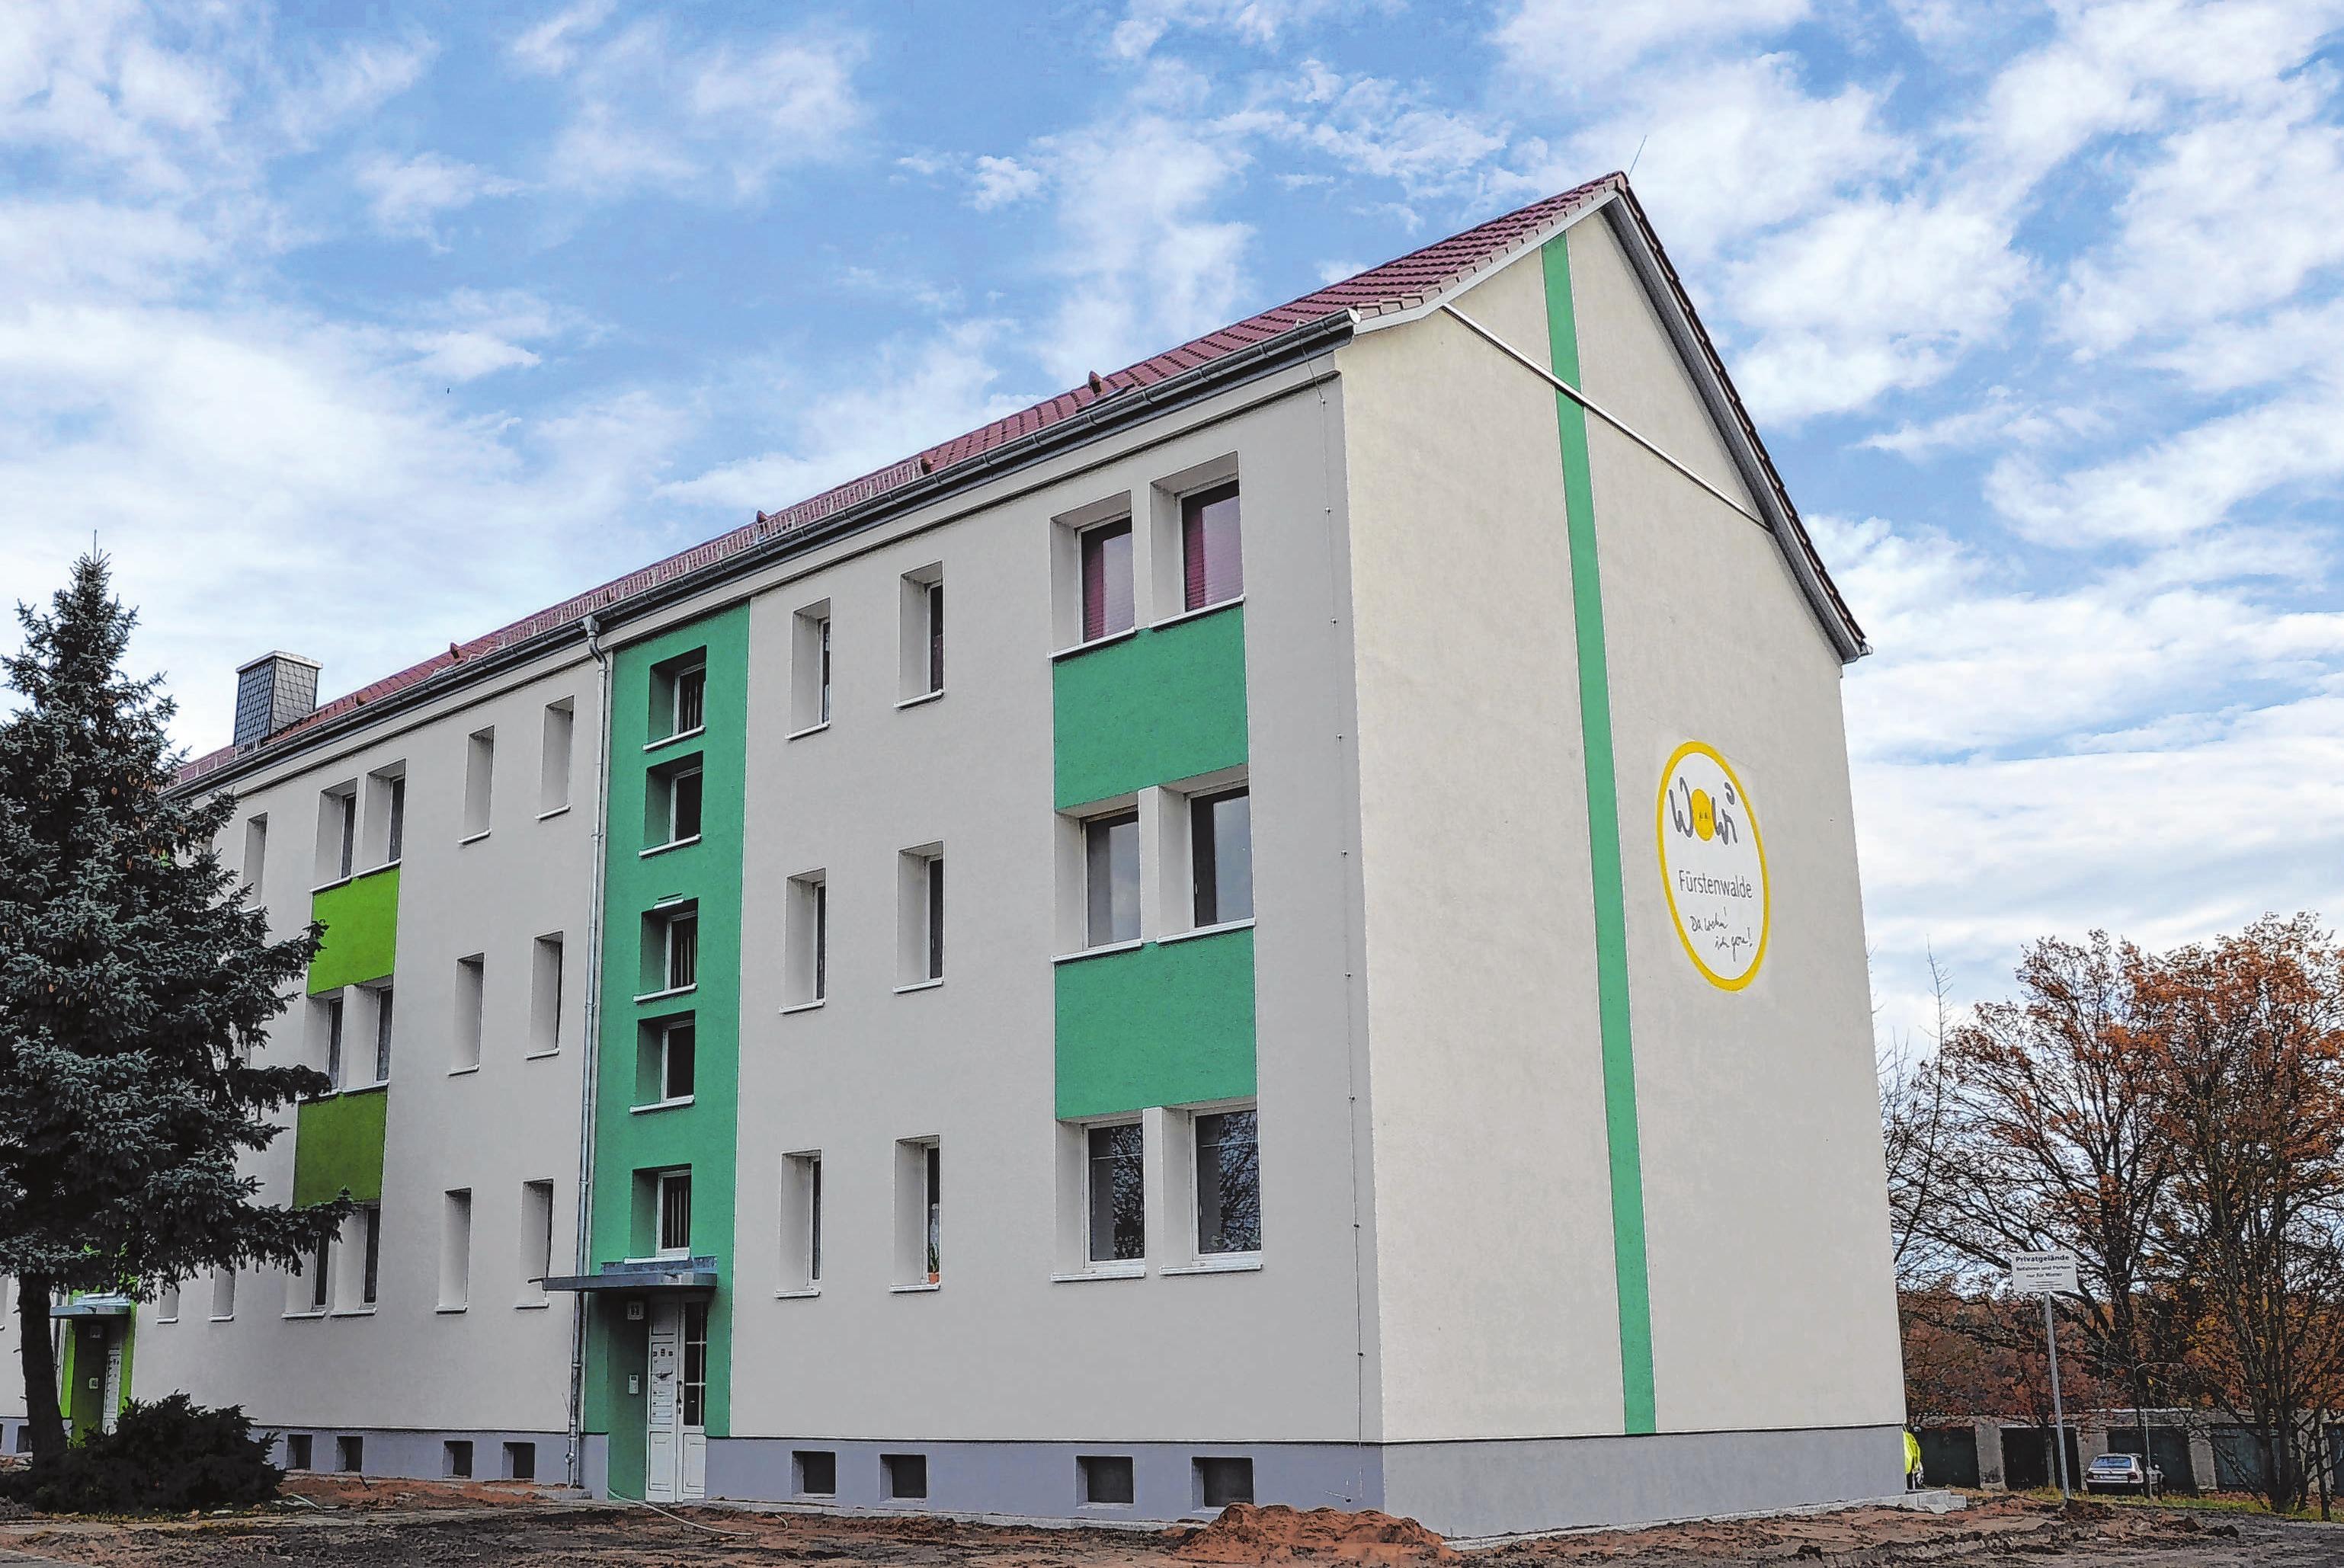 In frischem Weiß und Grün erstrahlt der Wohnblock in der Buchholzerstraße 6 bis 11 in Trebus. Foto: Vanessa Engel